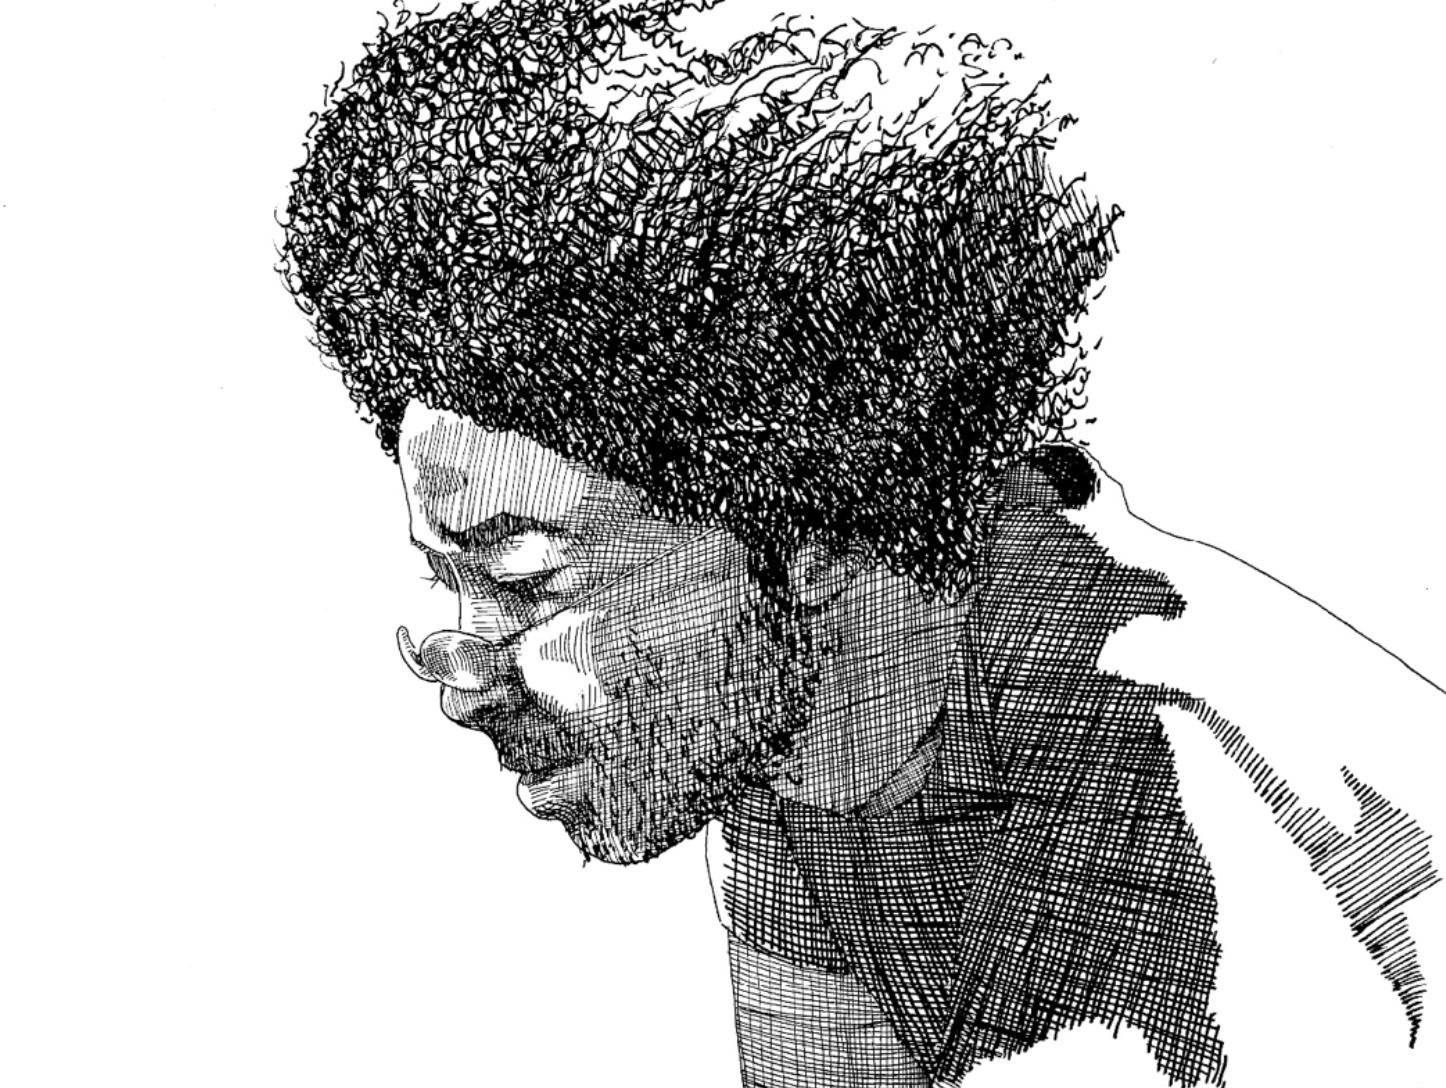 Derrick Quevedo